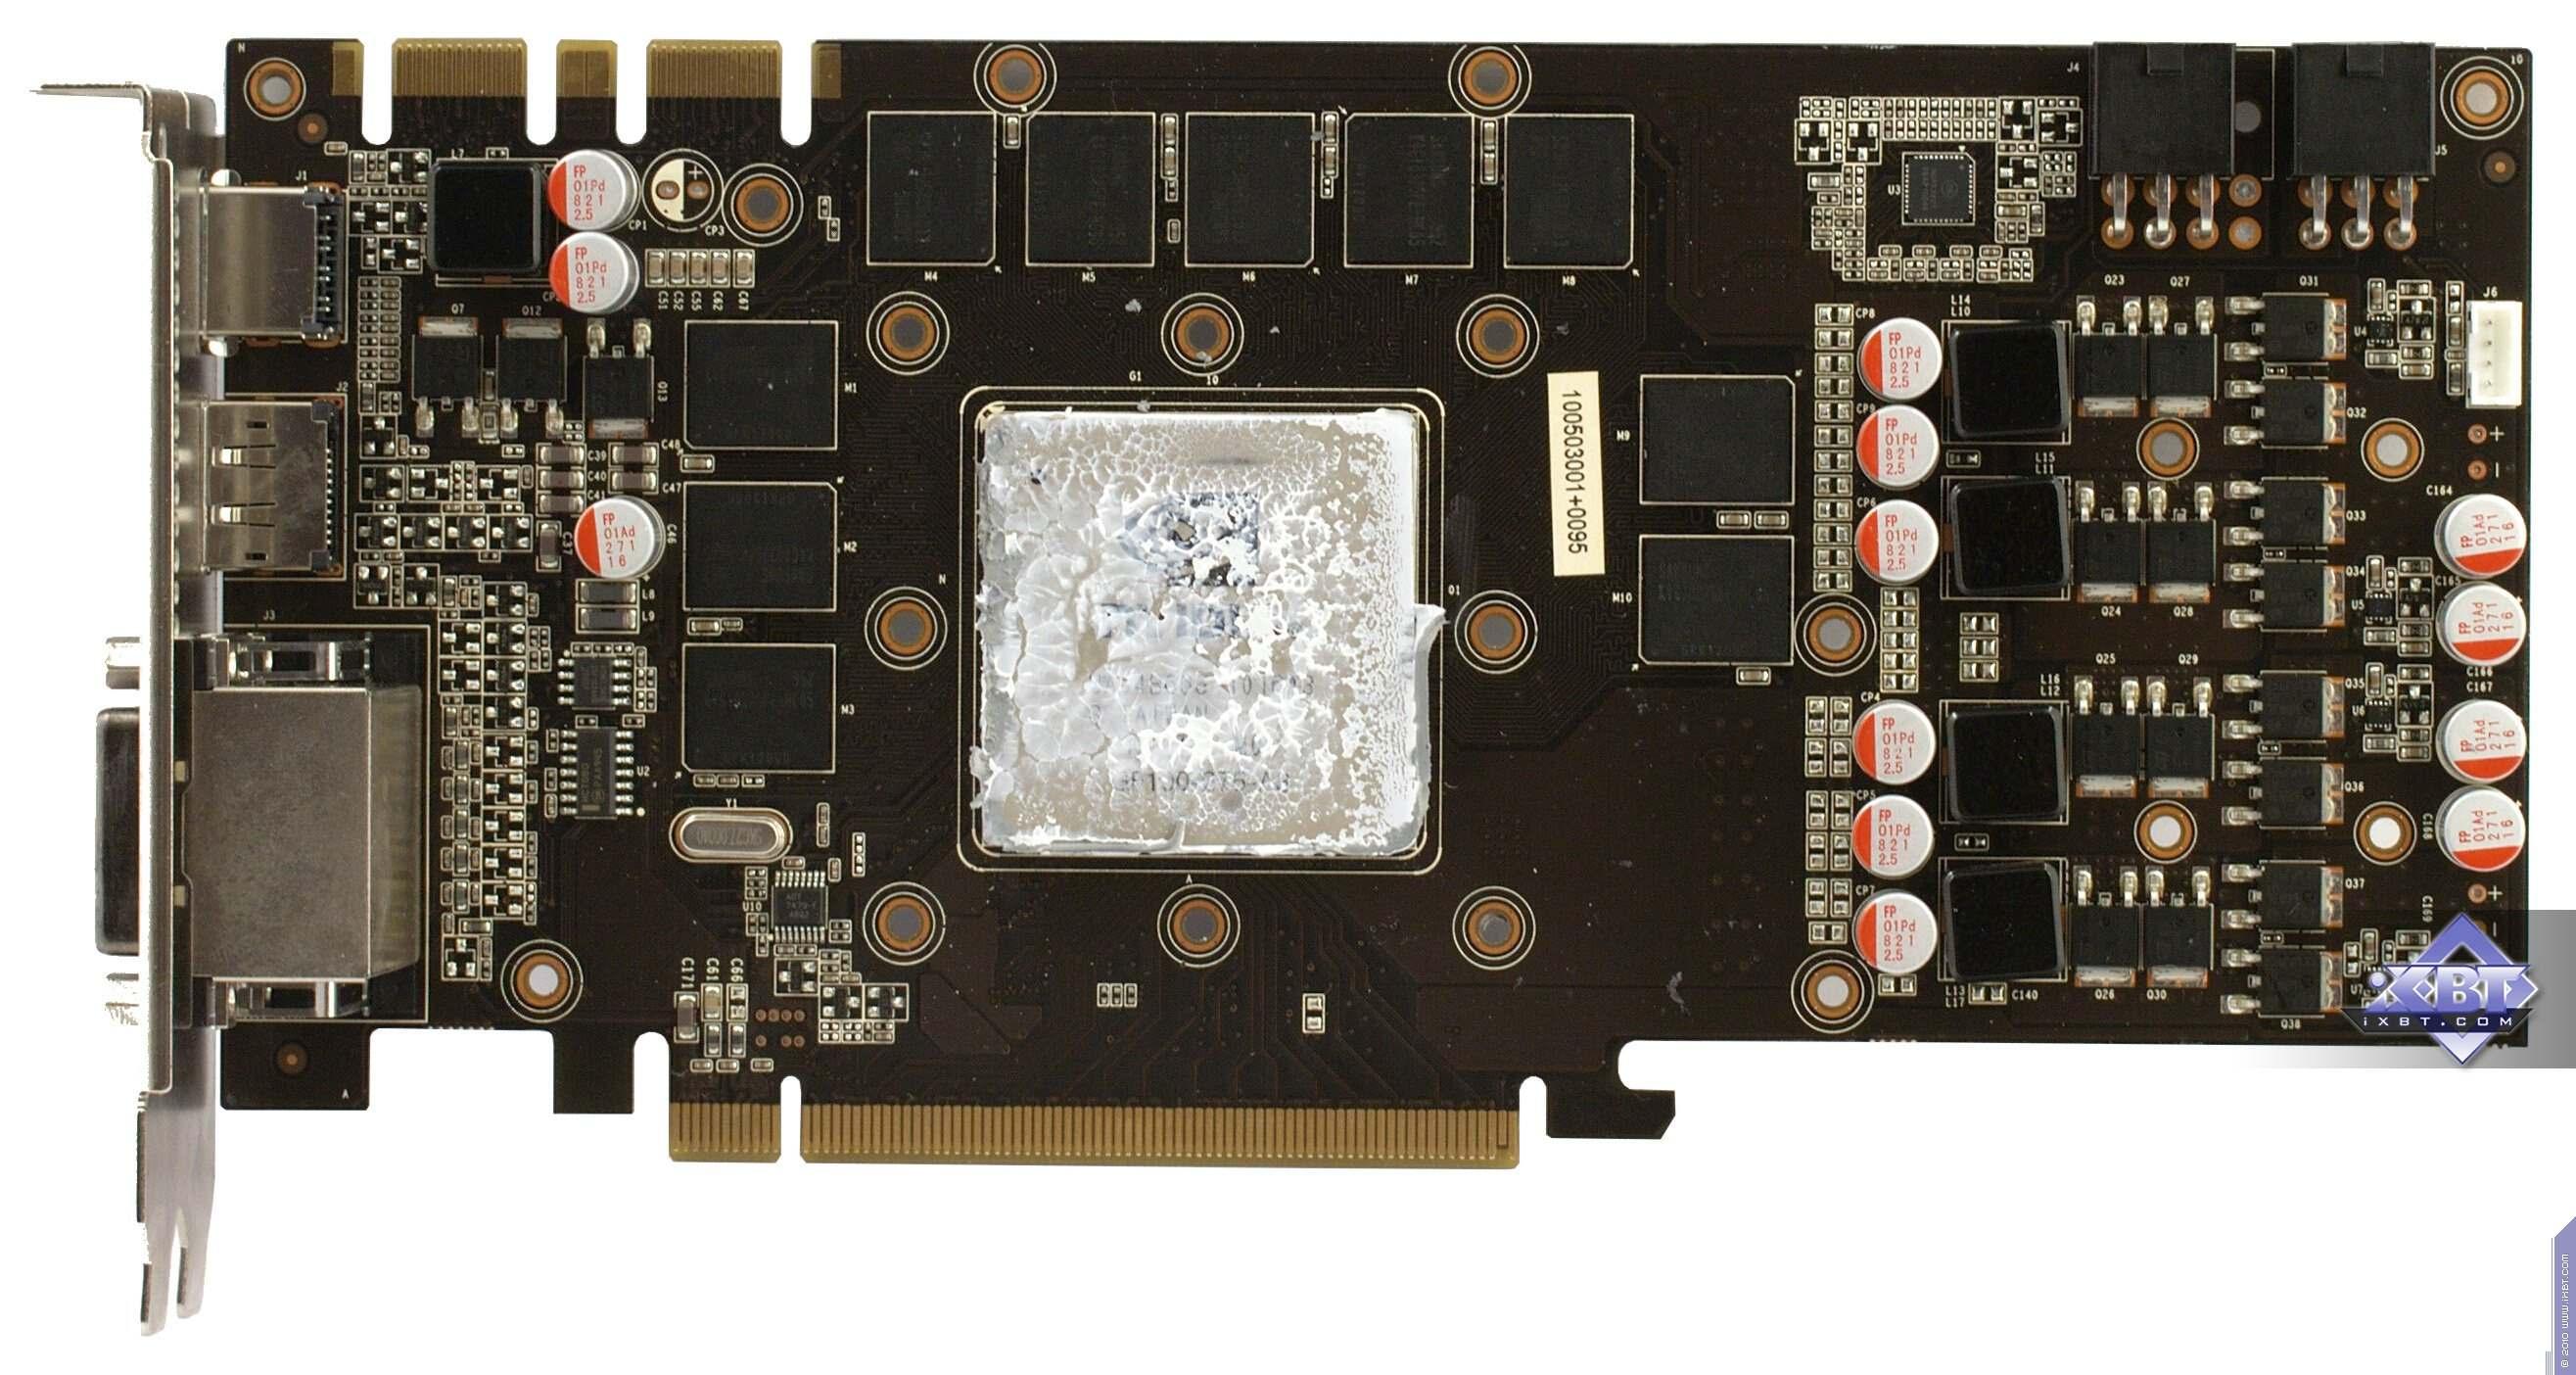 Панель выводов palit geforce gtx 470 содержит не три, а четыре видеовыхода: два dvi-d, hdmi и displayport